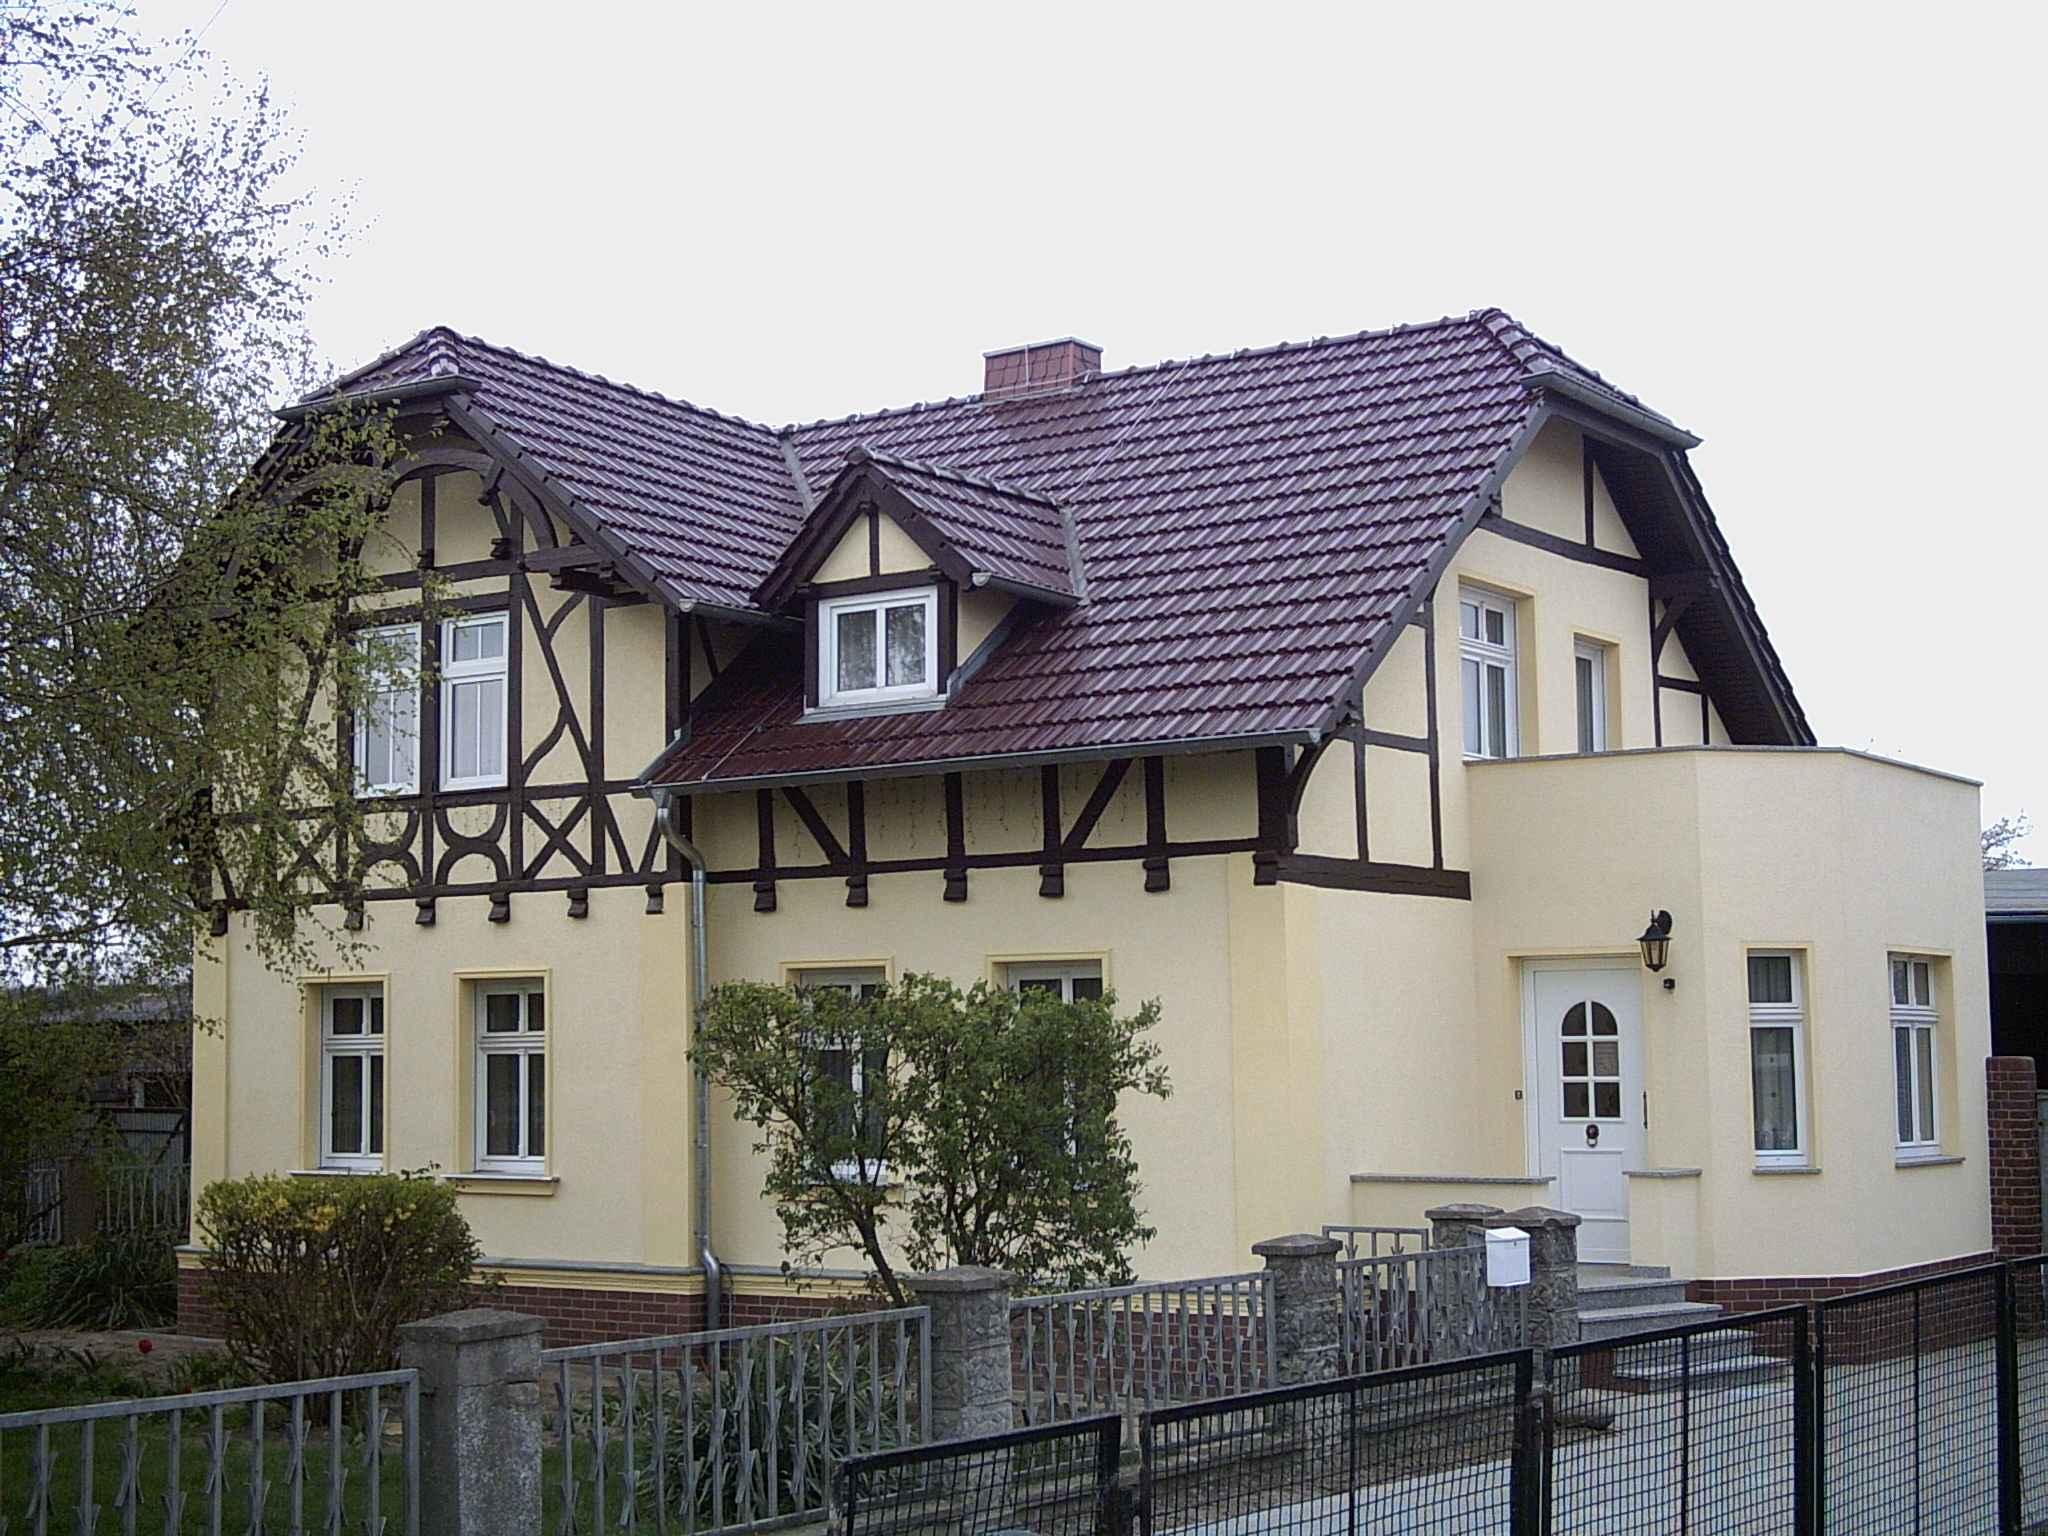 Ferienwohnung in einem Fachwerkhaus im Oderbruch Ferienhaus  Brandenburg